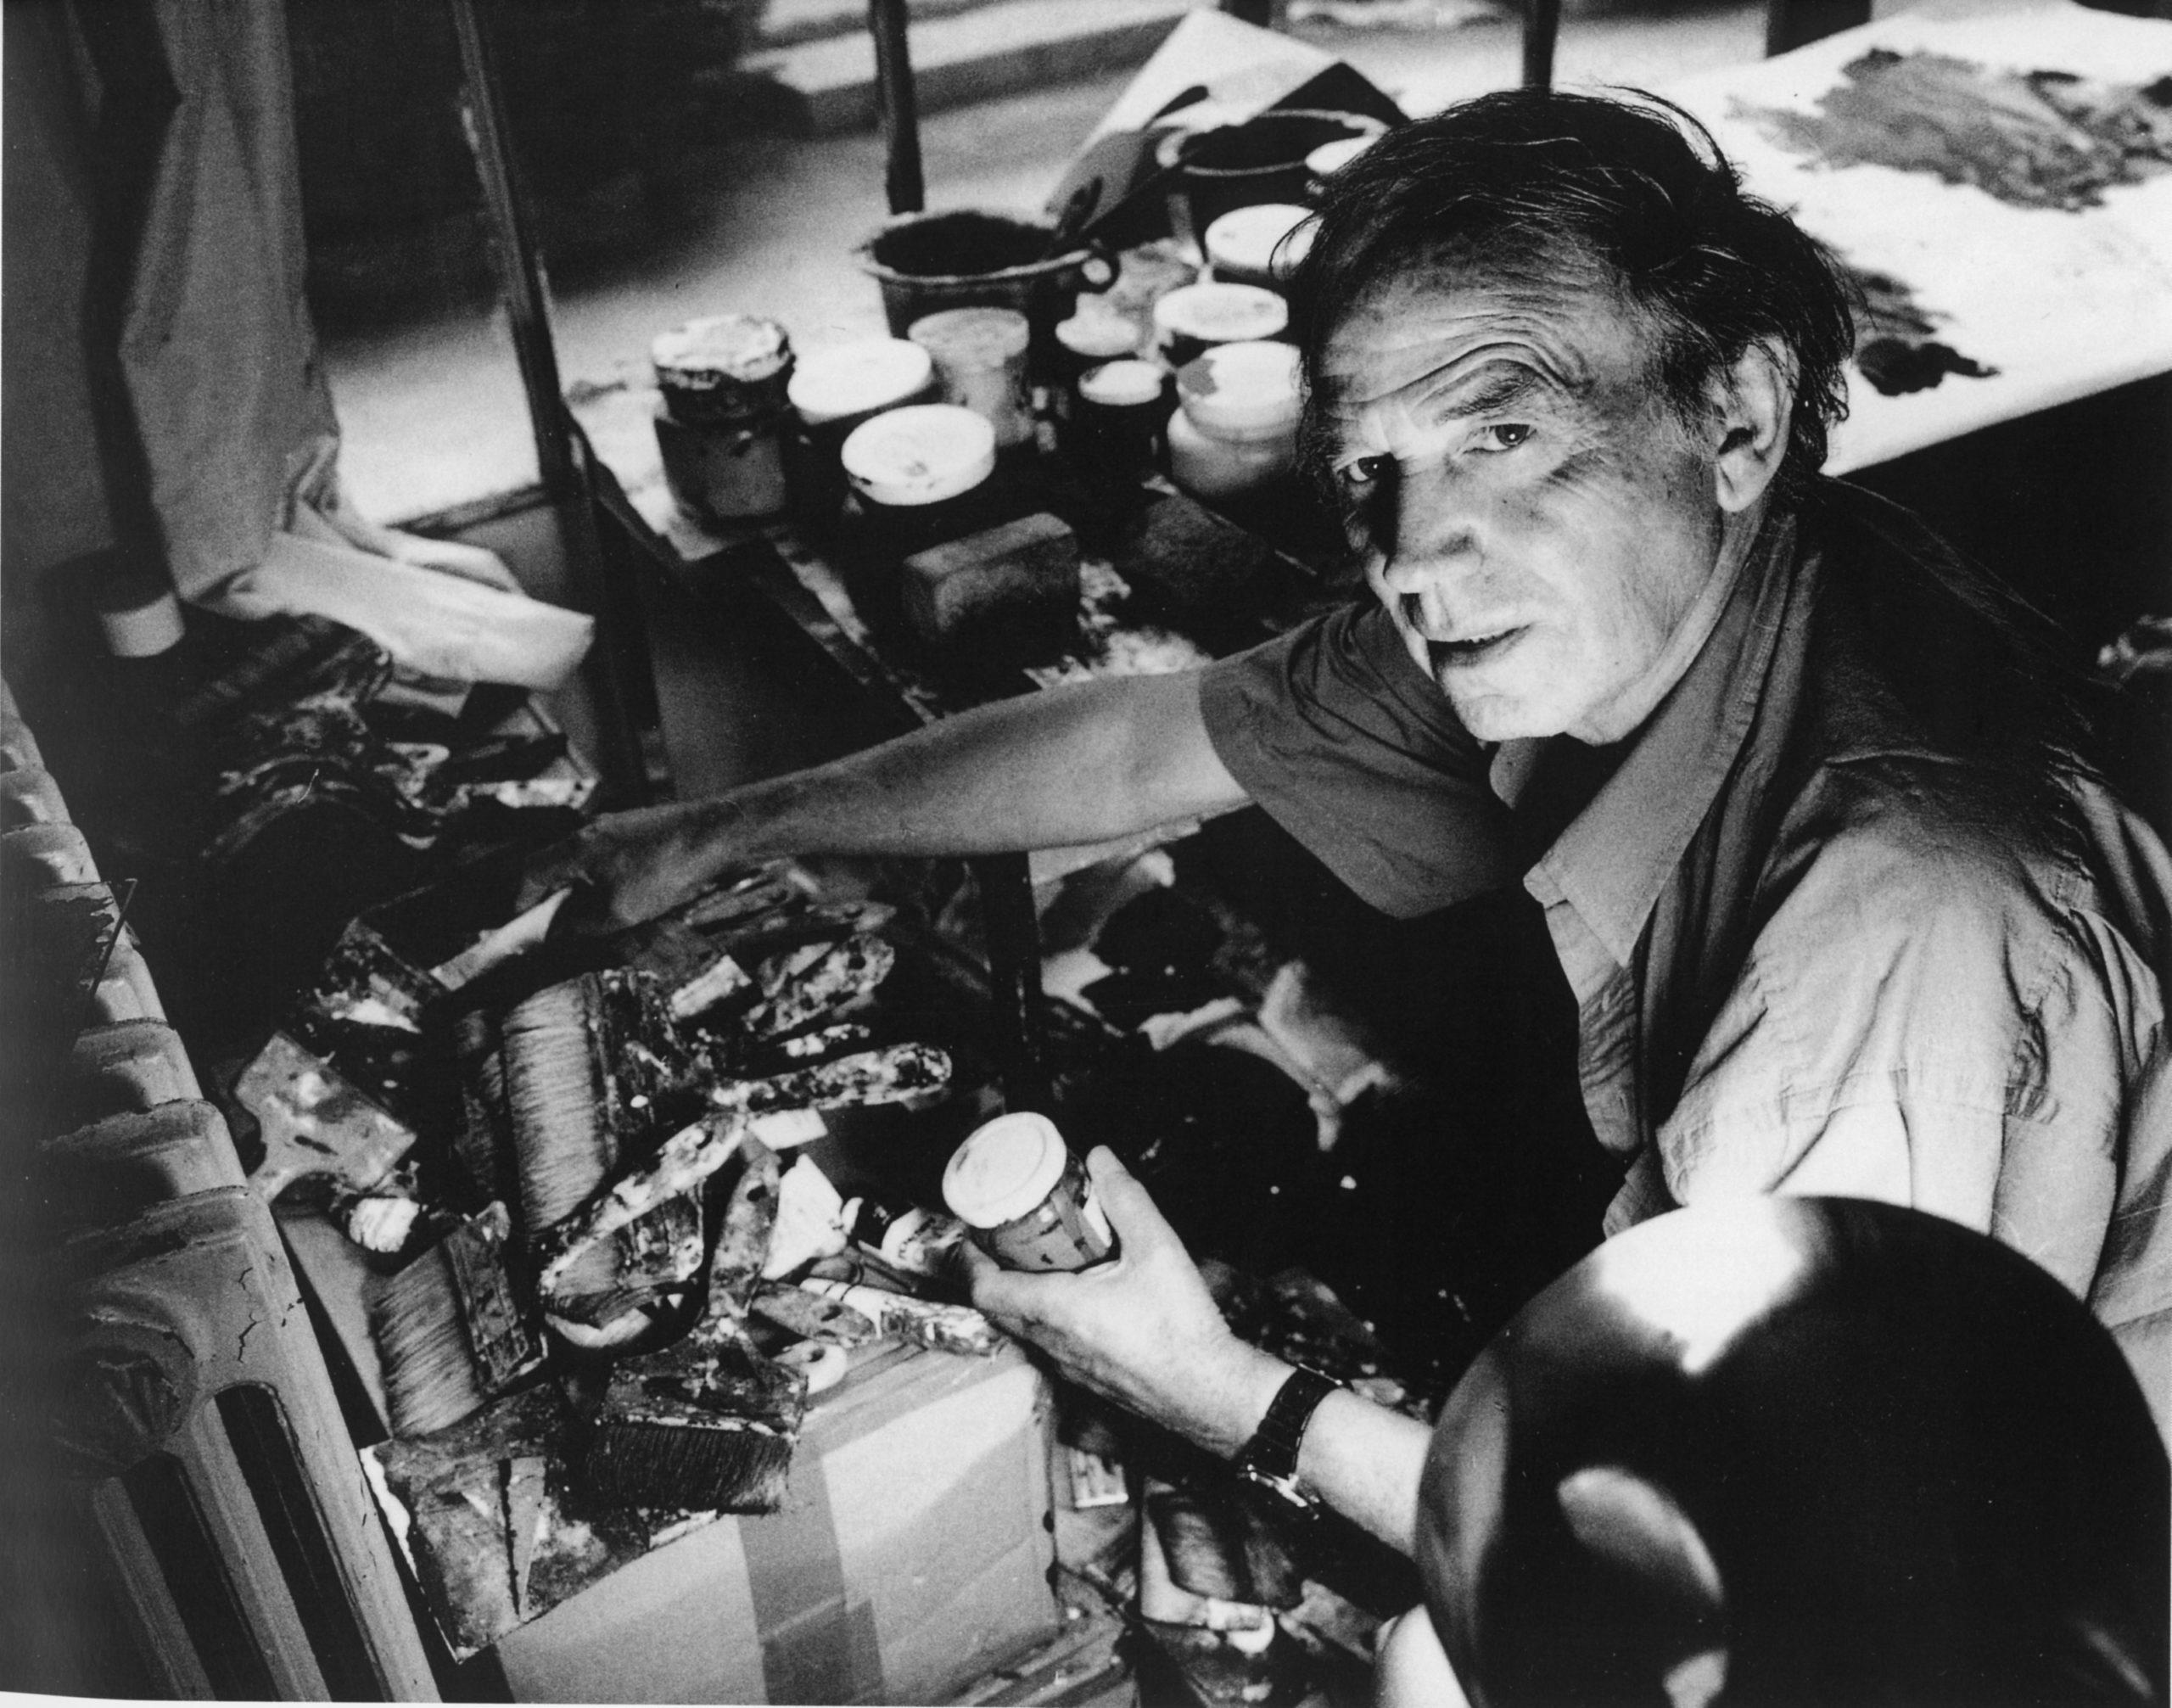 jean miotte - atelier vitry 1992 faq